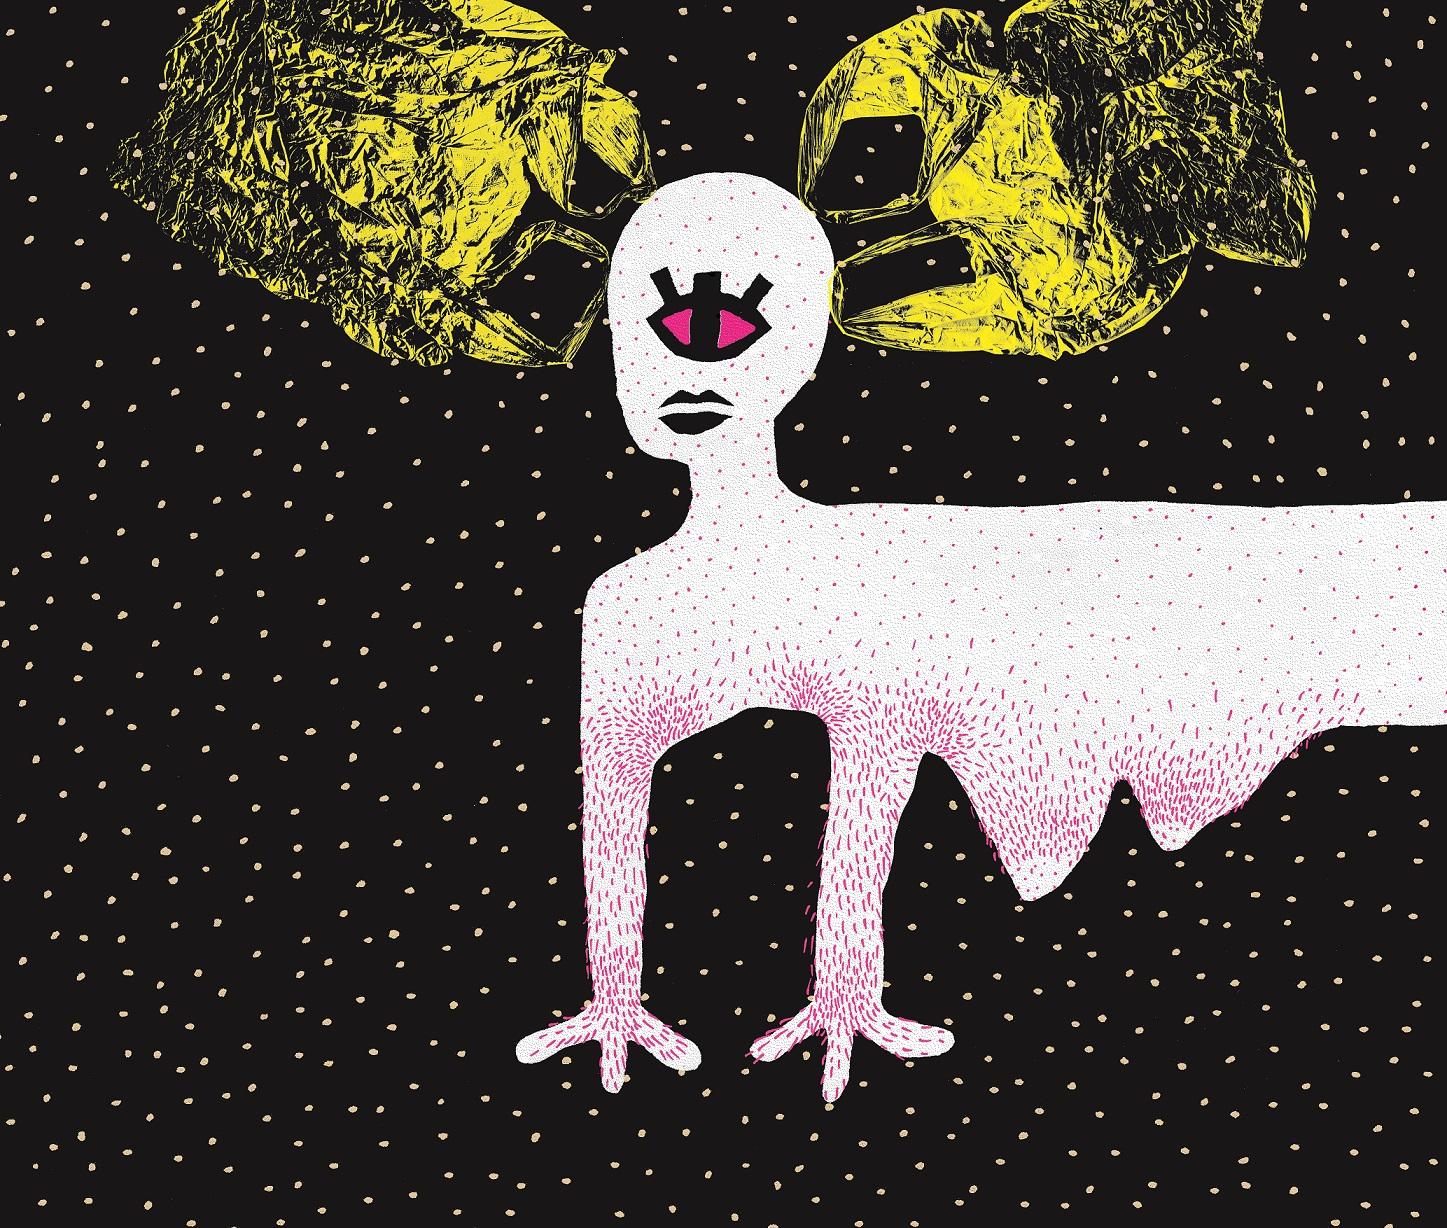 Trabalho vencedor da Exposição de Ilustrações para Livros Infantis de 2018